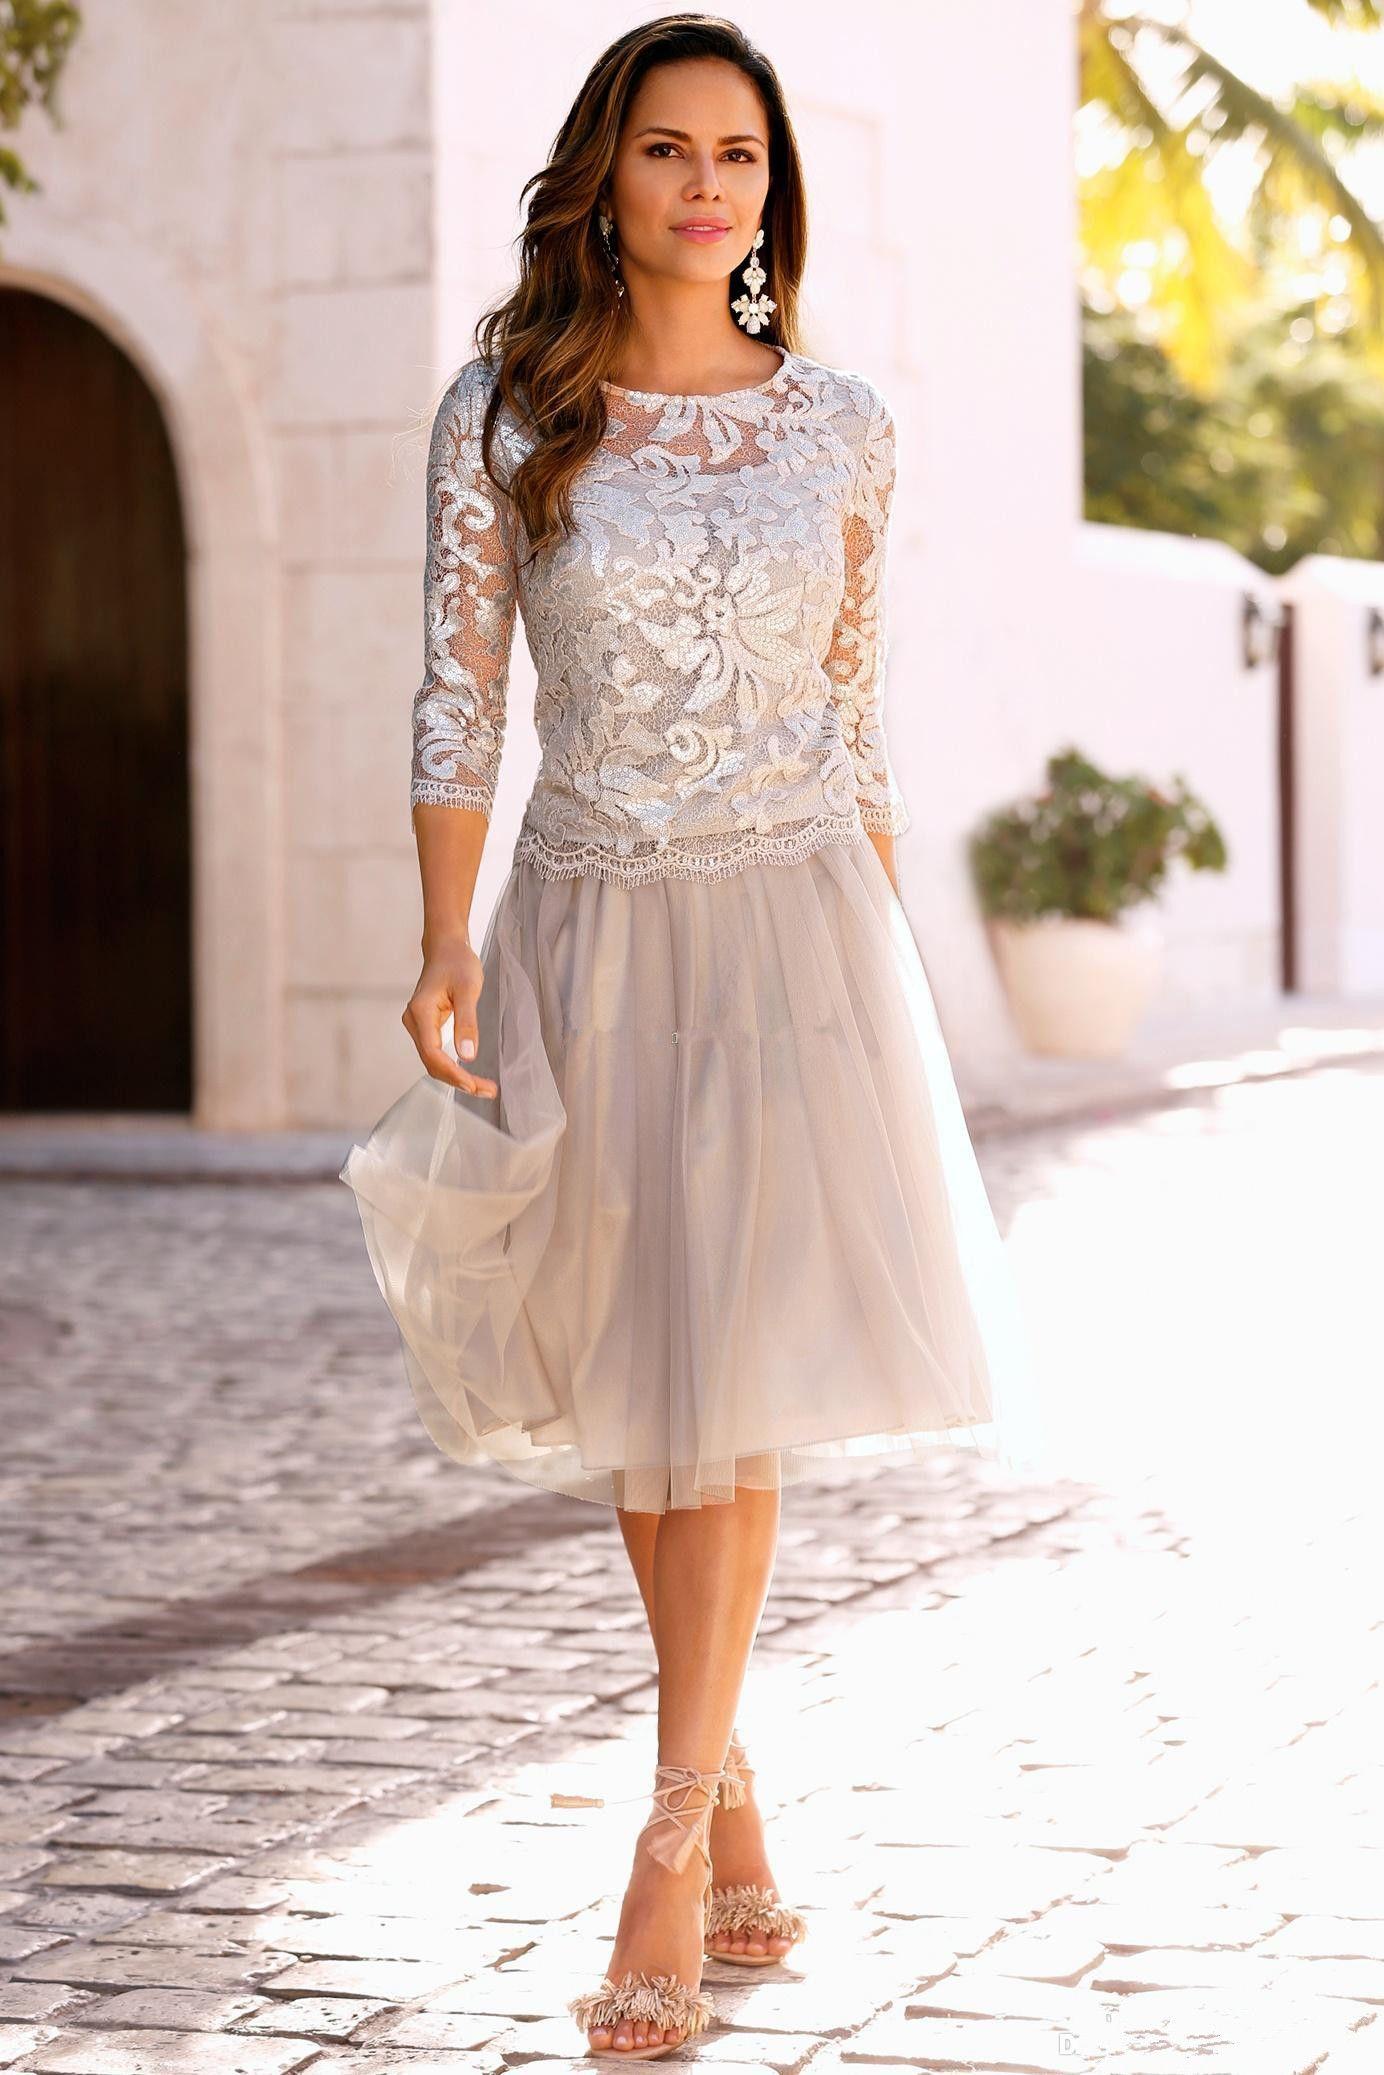 Yeni Kısa Anne Gelin Elbiseler Dantel Tül Diz Boyu 3/4 Uzun Kollu Anne Gelin Elbiseler Kısa Gelinlik Modelleri BA4978